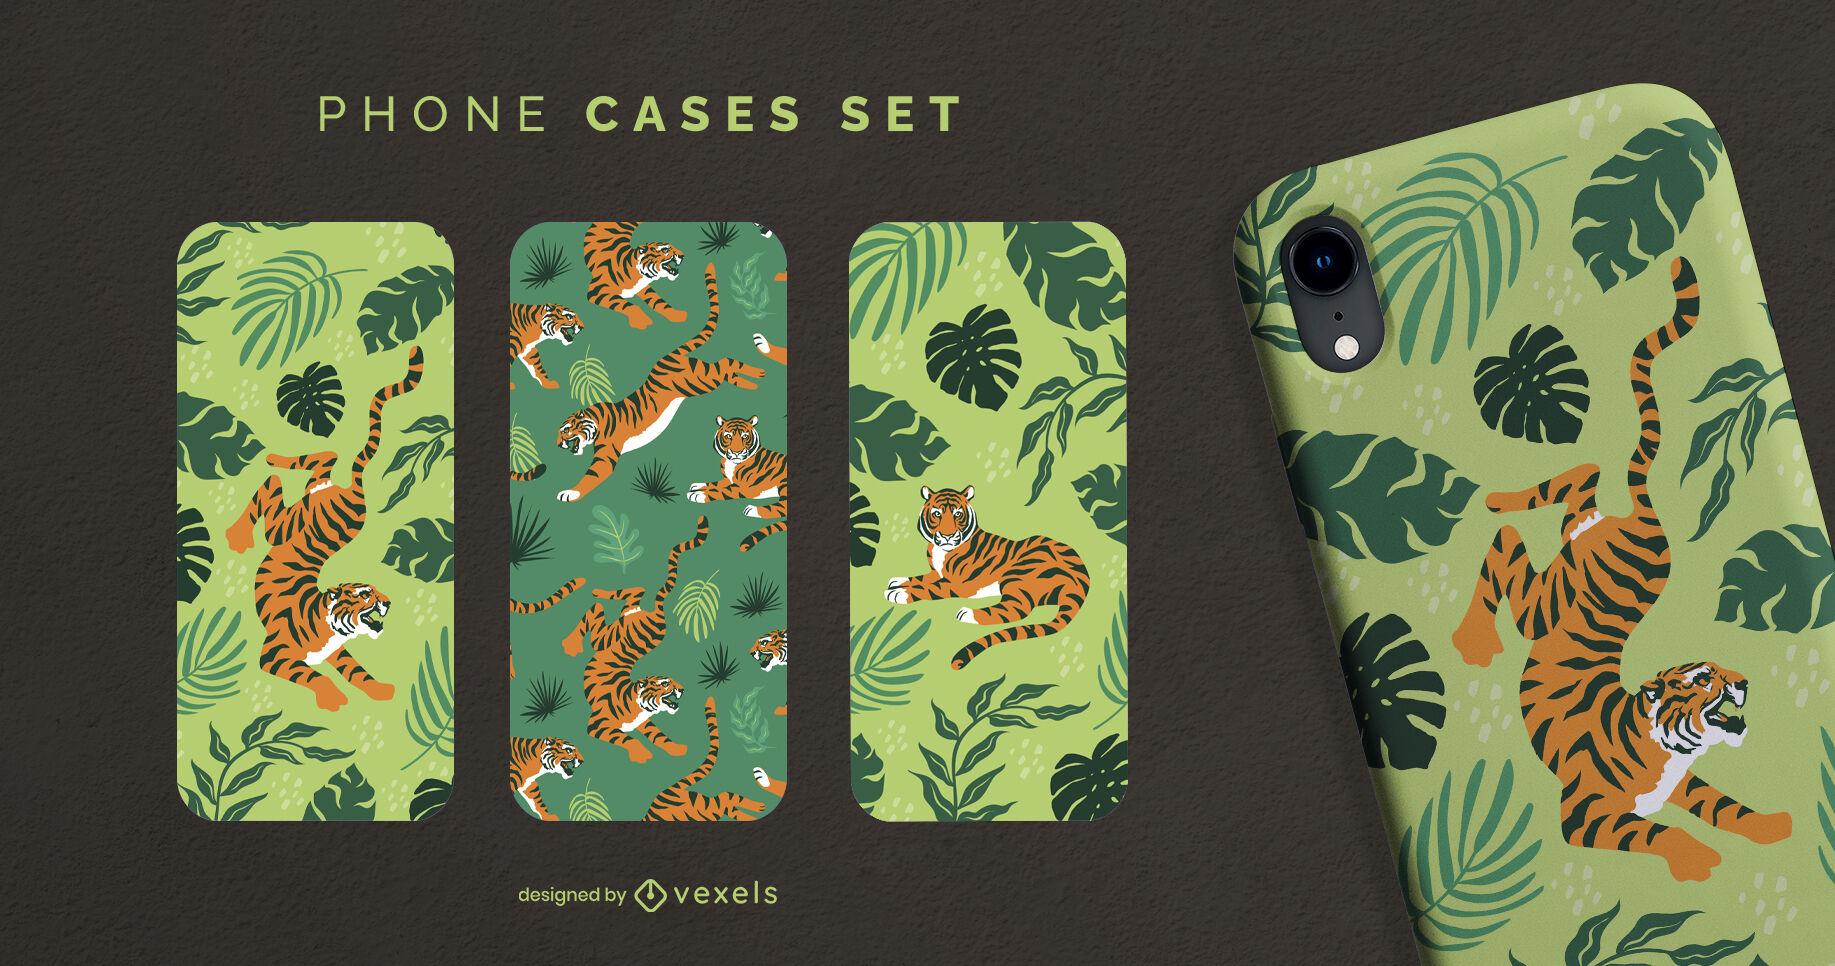 Tiger wild animal nature phone case set